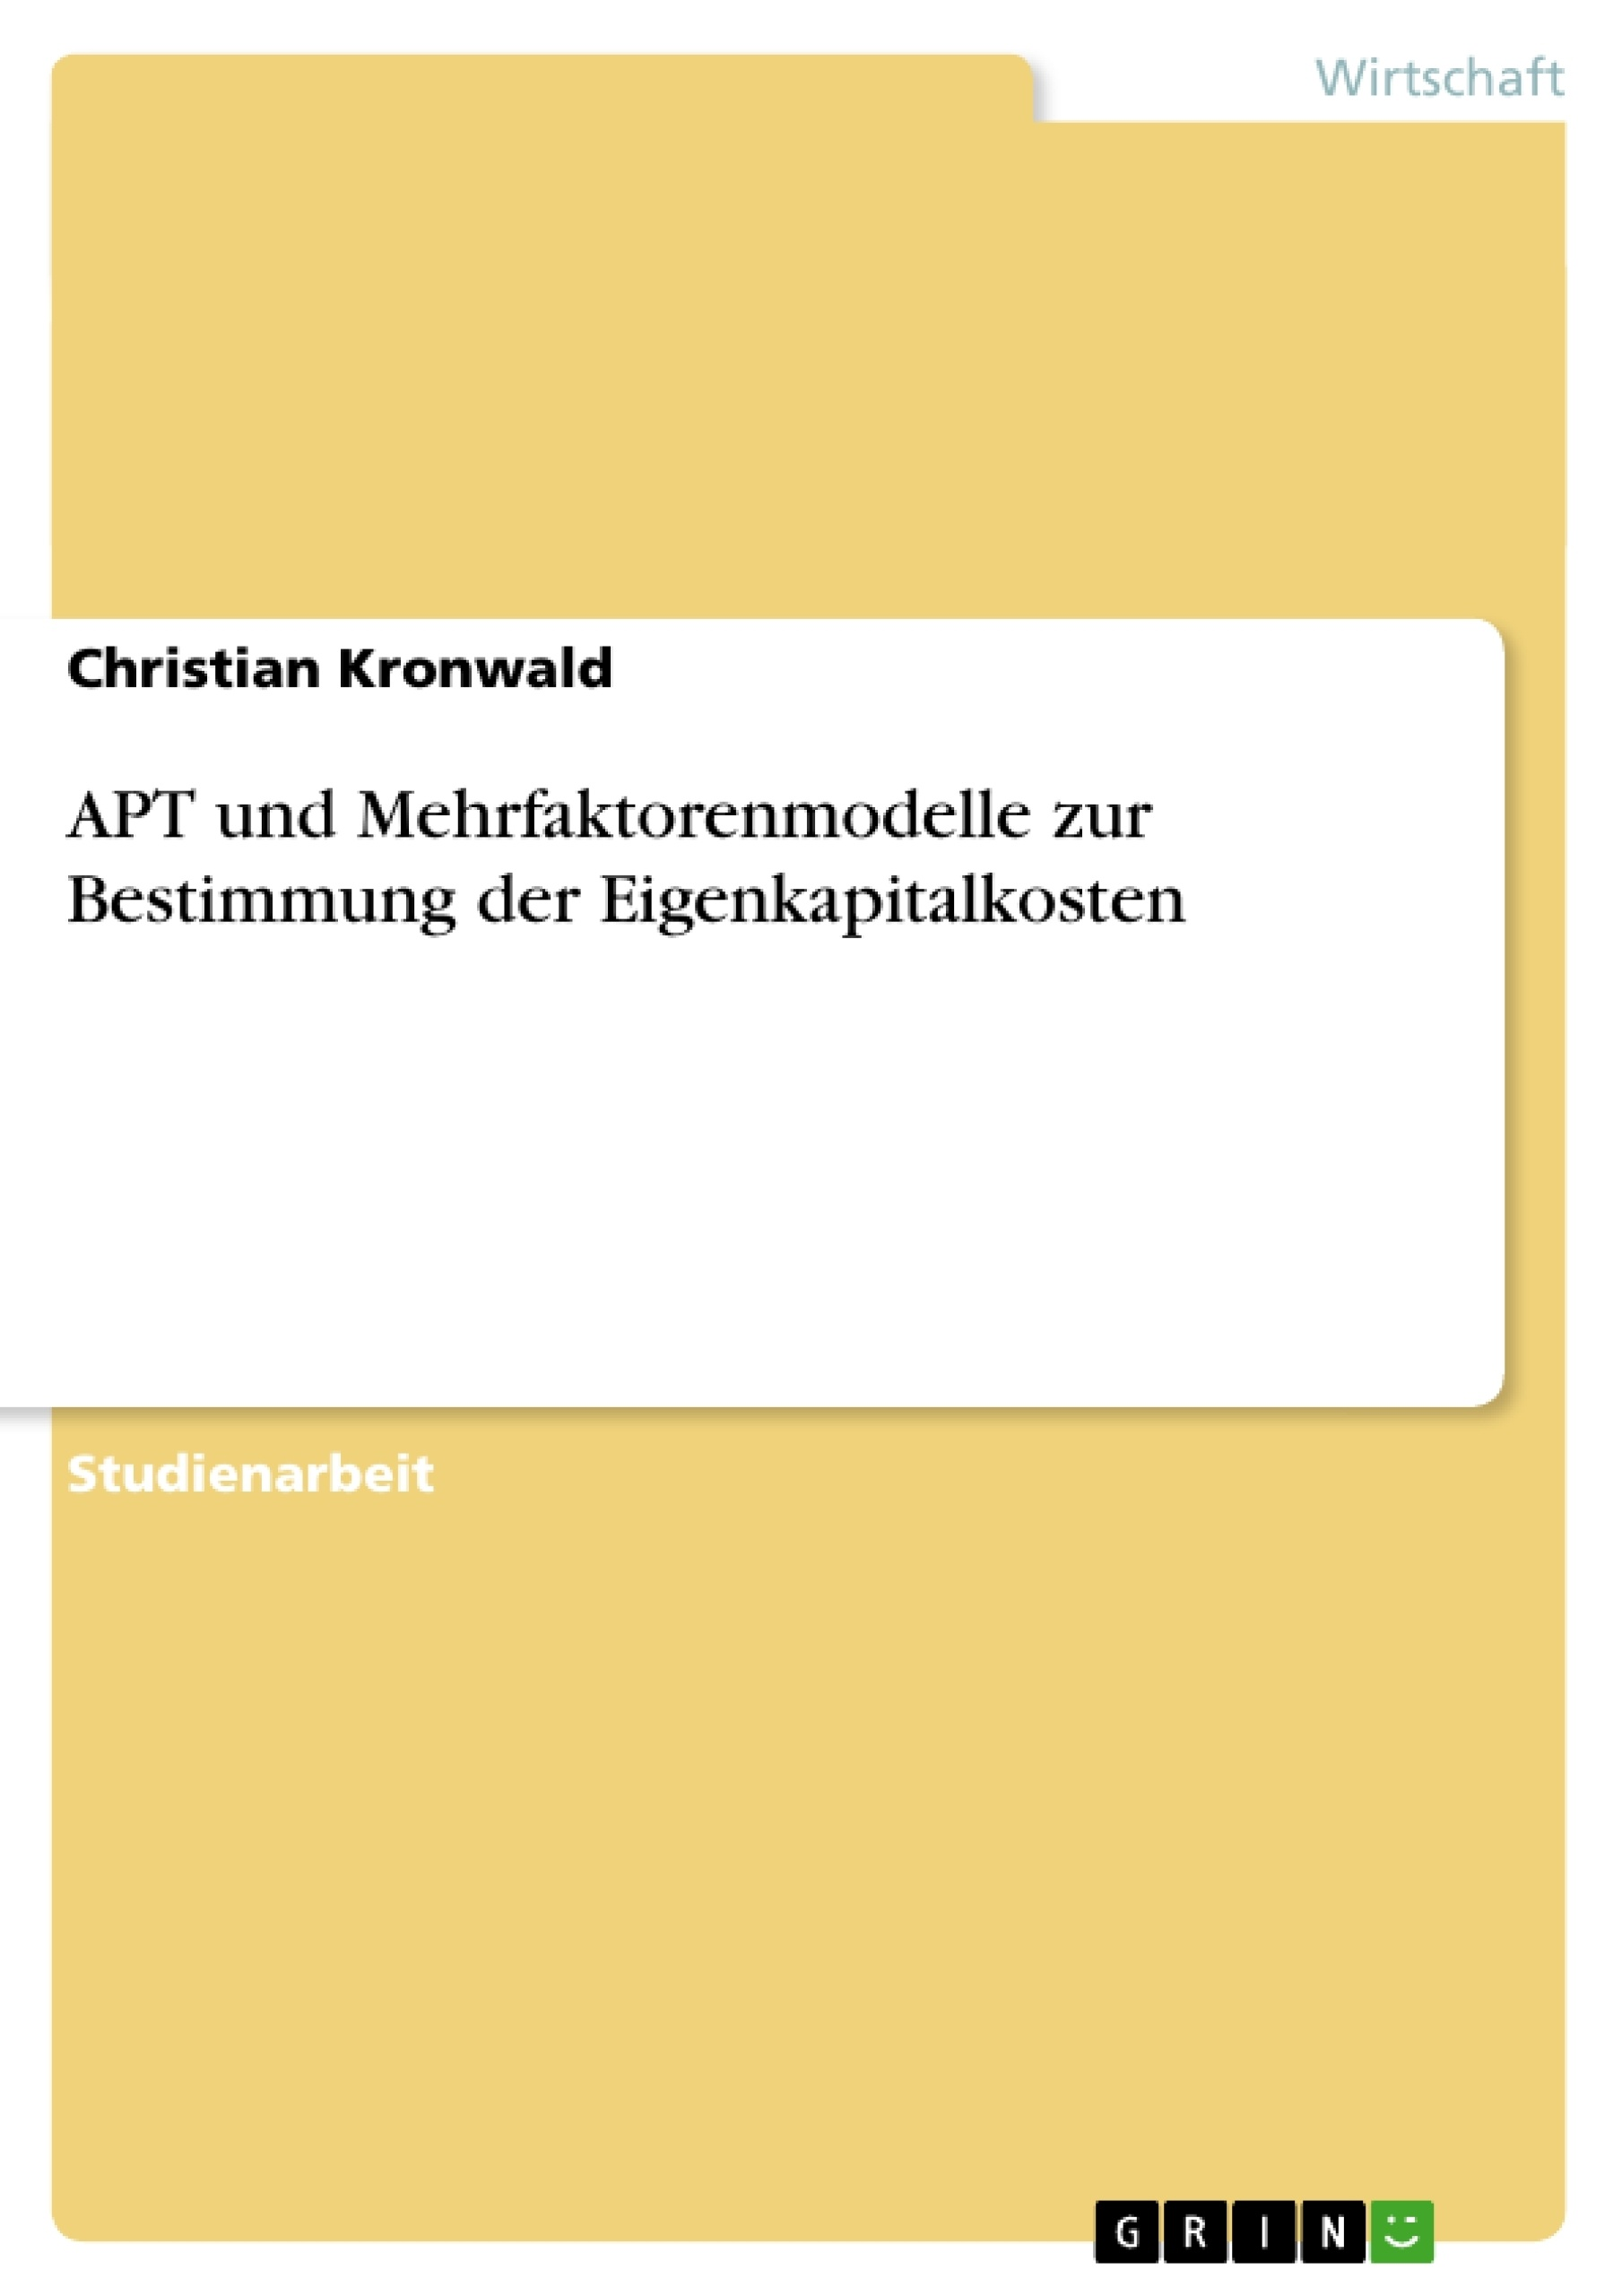 Titel: APT und Mehrfaktorenmodelle zur Bestimmung der Eigenkapitalkosten